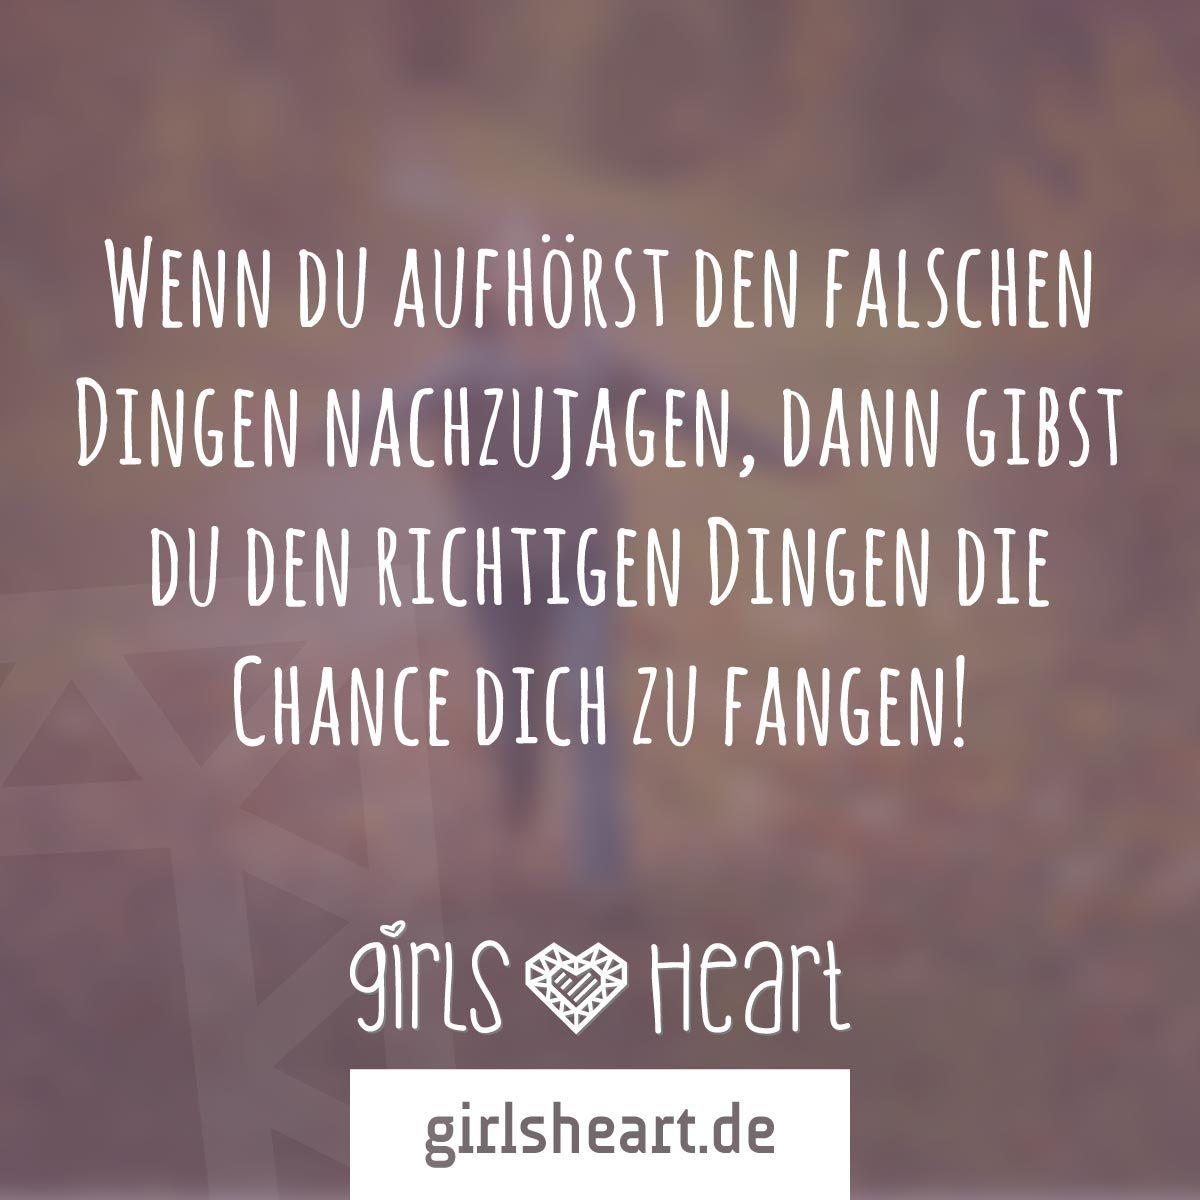 liebe des lebens sprüche Mehr Sprüche auf: .girlsheart.de #ziele #chancen #leben #liebe  liebe des lebens sprüche